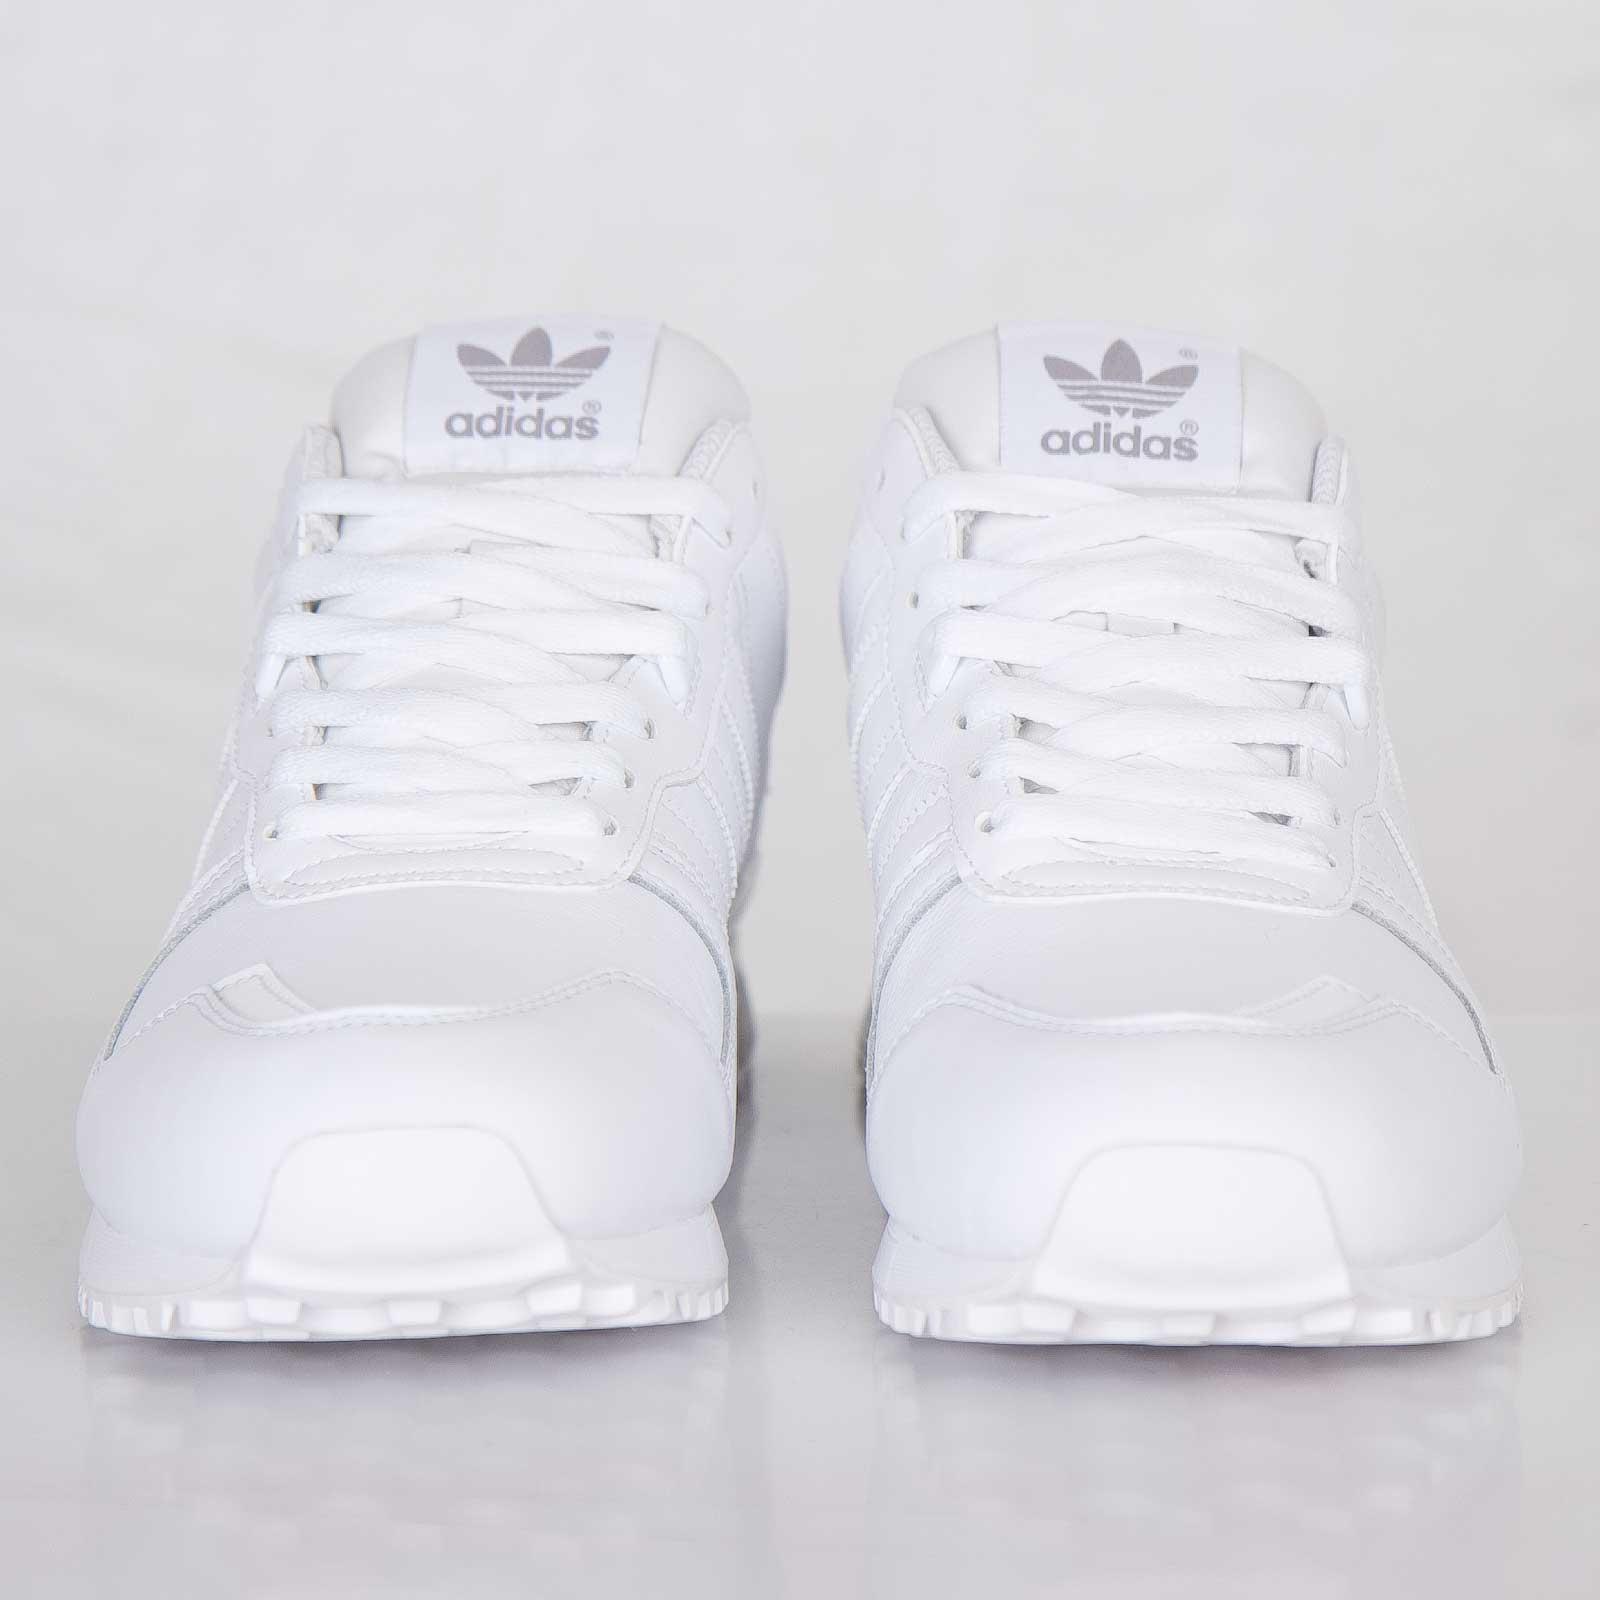 5a60ca921fc8e adidas ZX 700 - G62110 - Sneakersnstuff